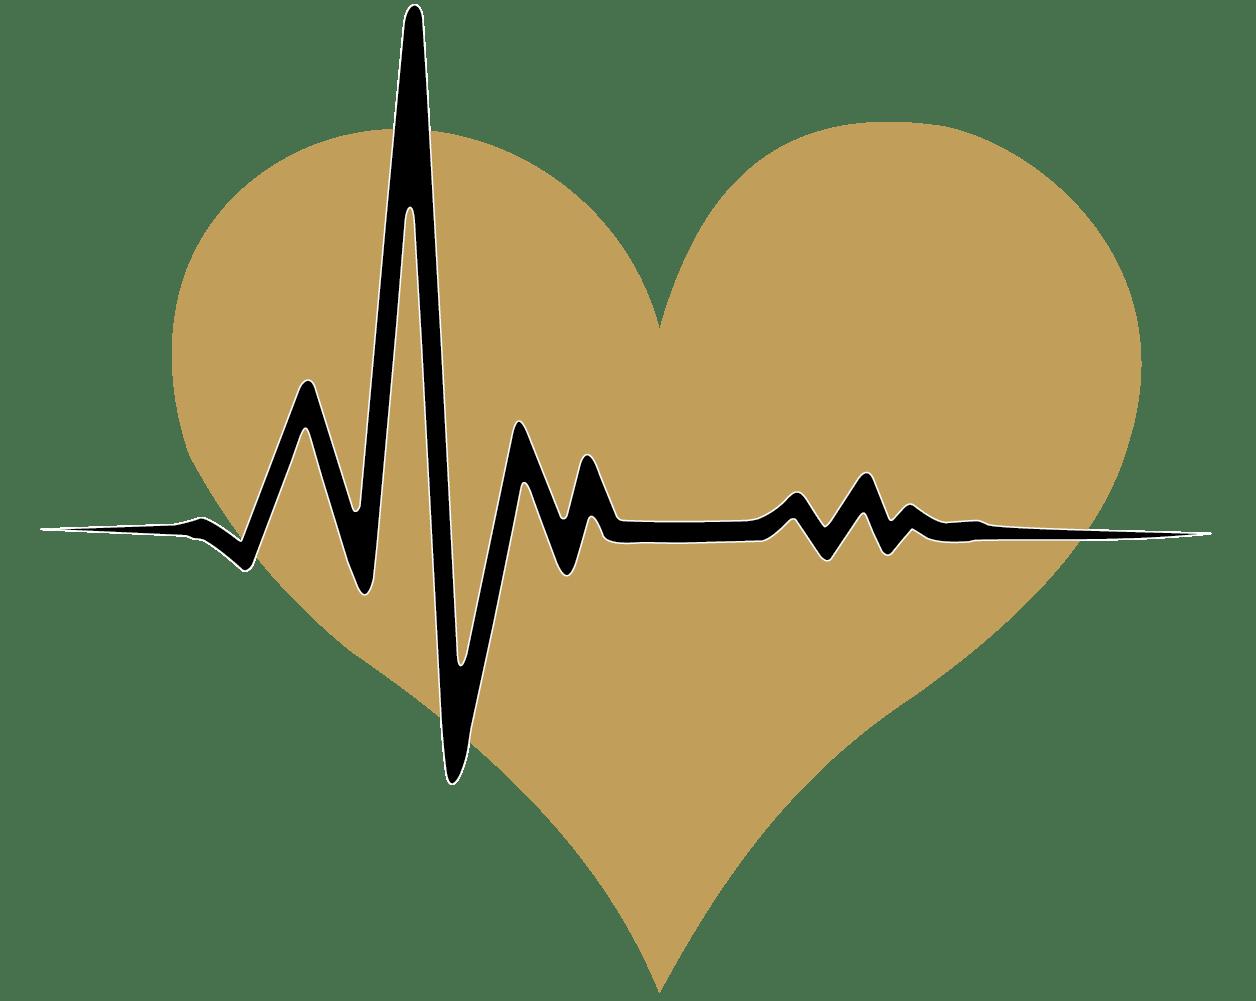 دکتر آیت اله بیاتیان متخصص گوارش و فوق تخصص قلب و عروق